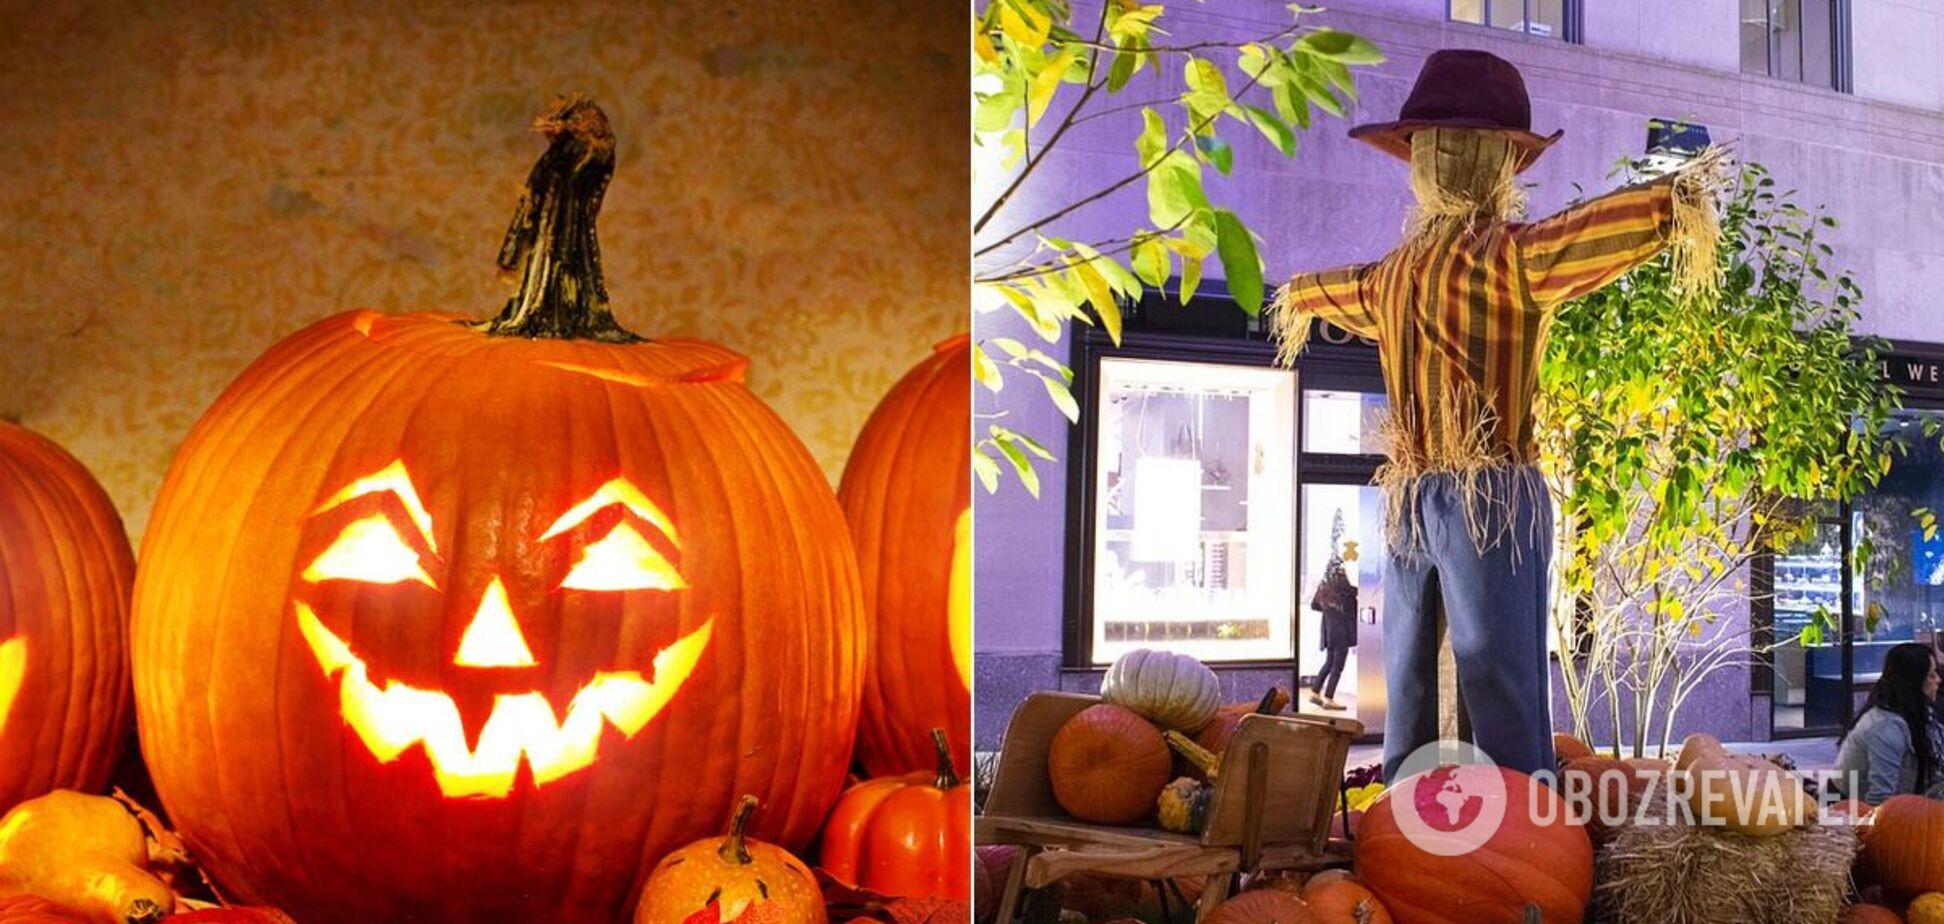 Хеллоуин отмечается ежегодно в ночь с 31 октября на 1 ноября